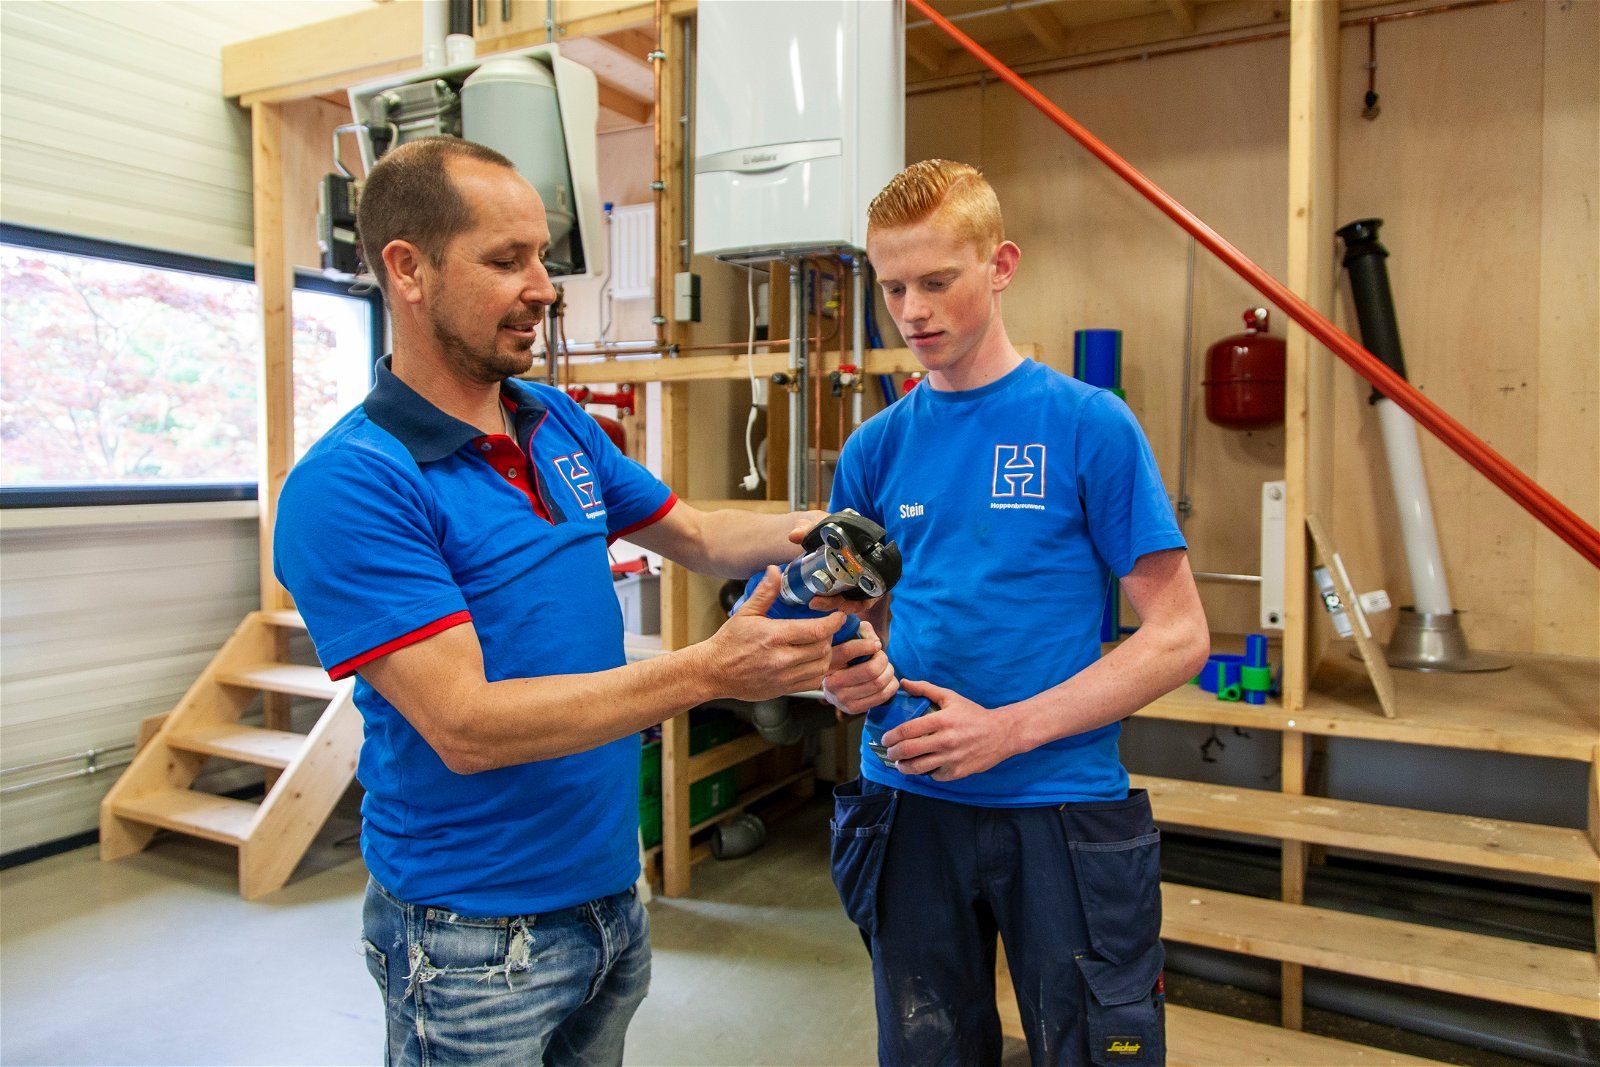 Leerling-monteur krijgt uitleg in praktijkschool van Hoppenbrouwers Techniek